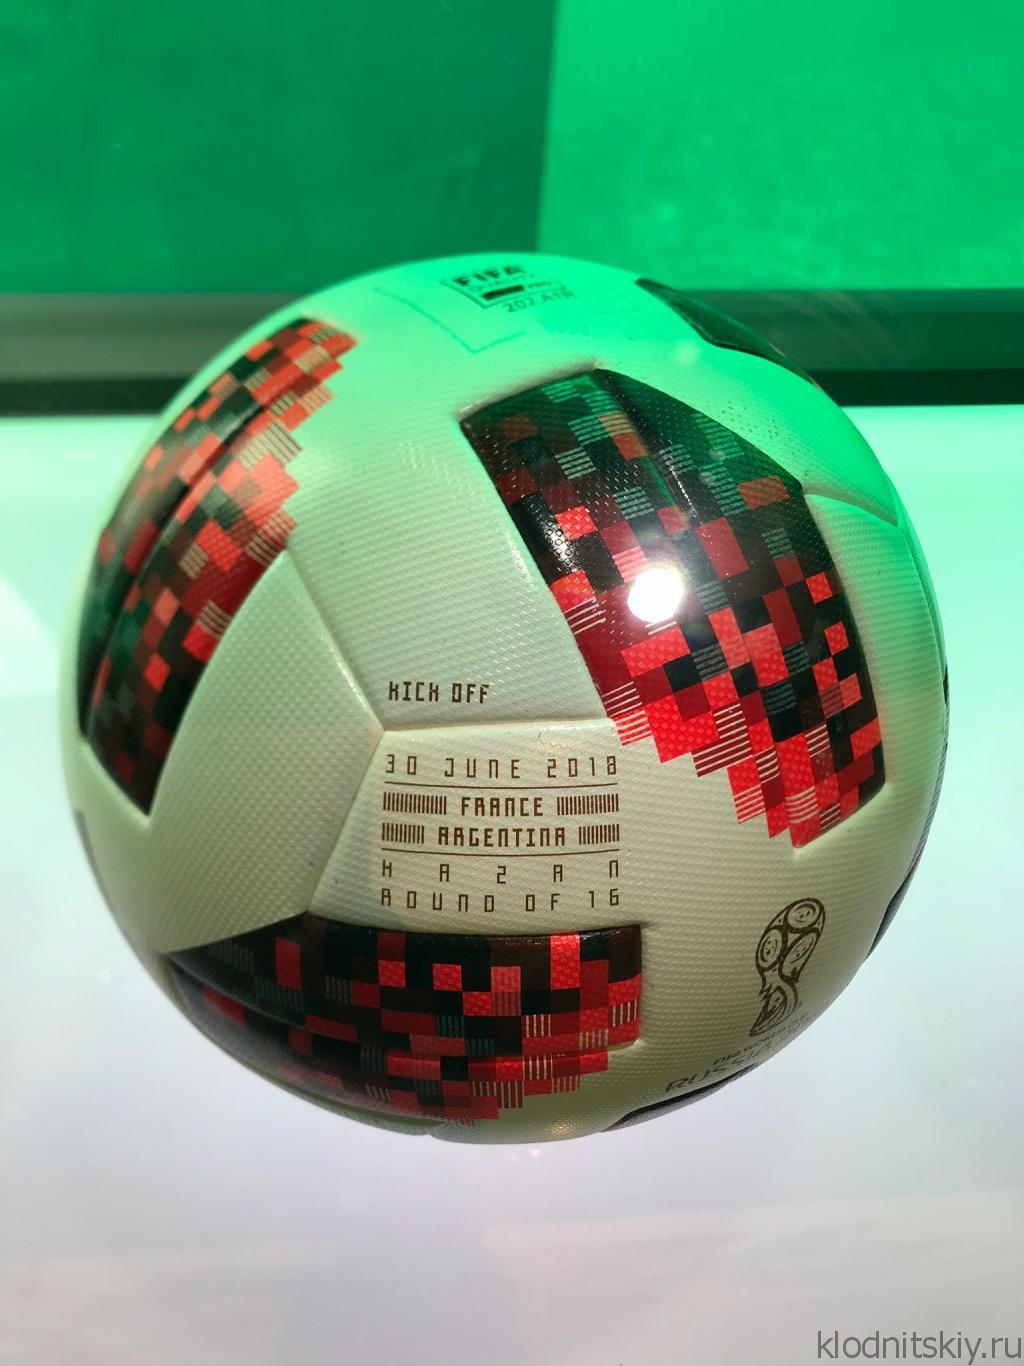 Чемпионат мира по футболу 2018. Музей Футбола.